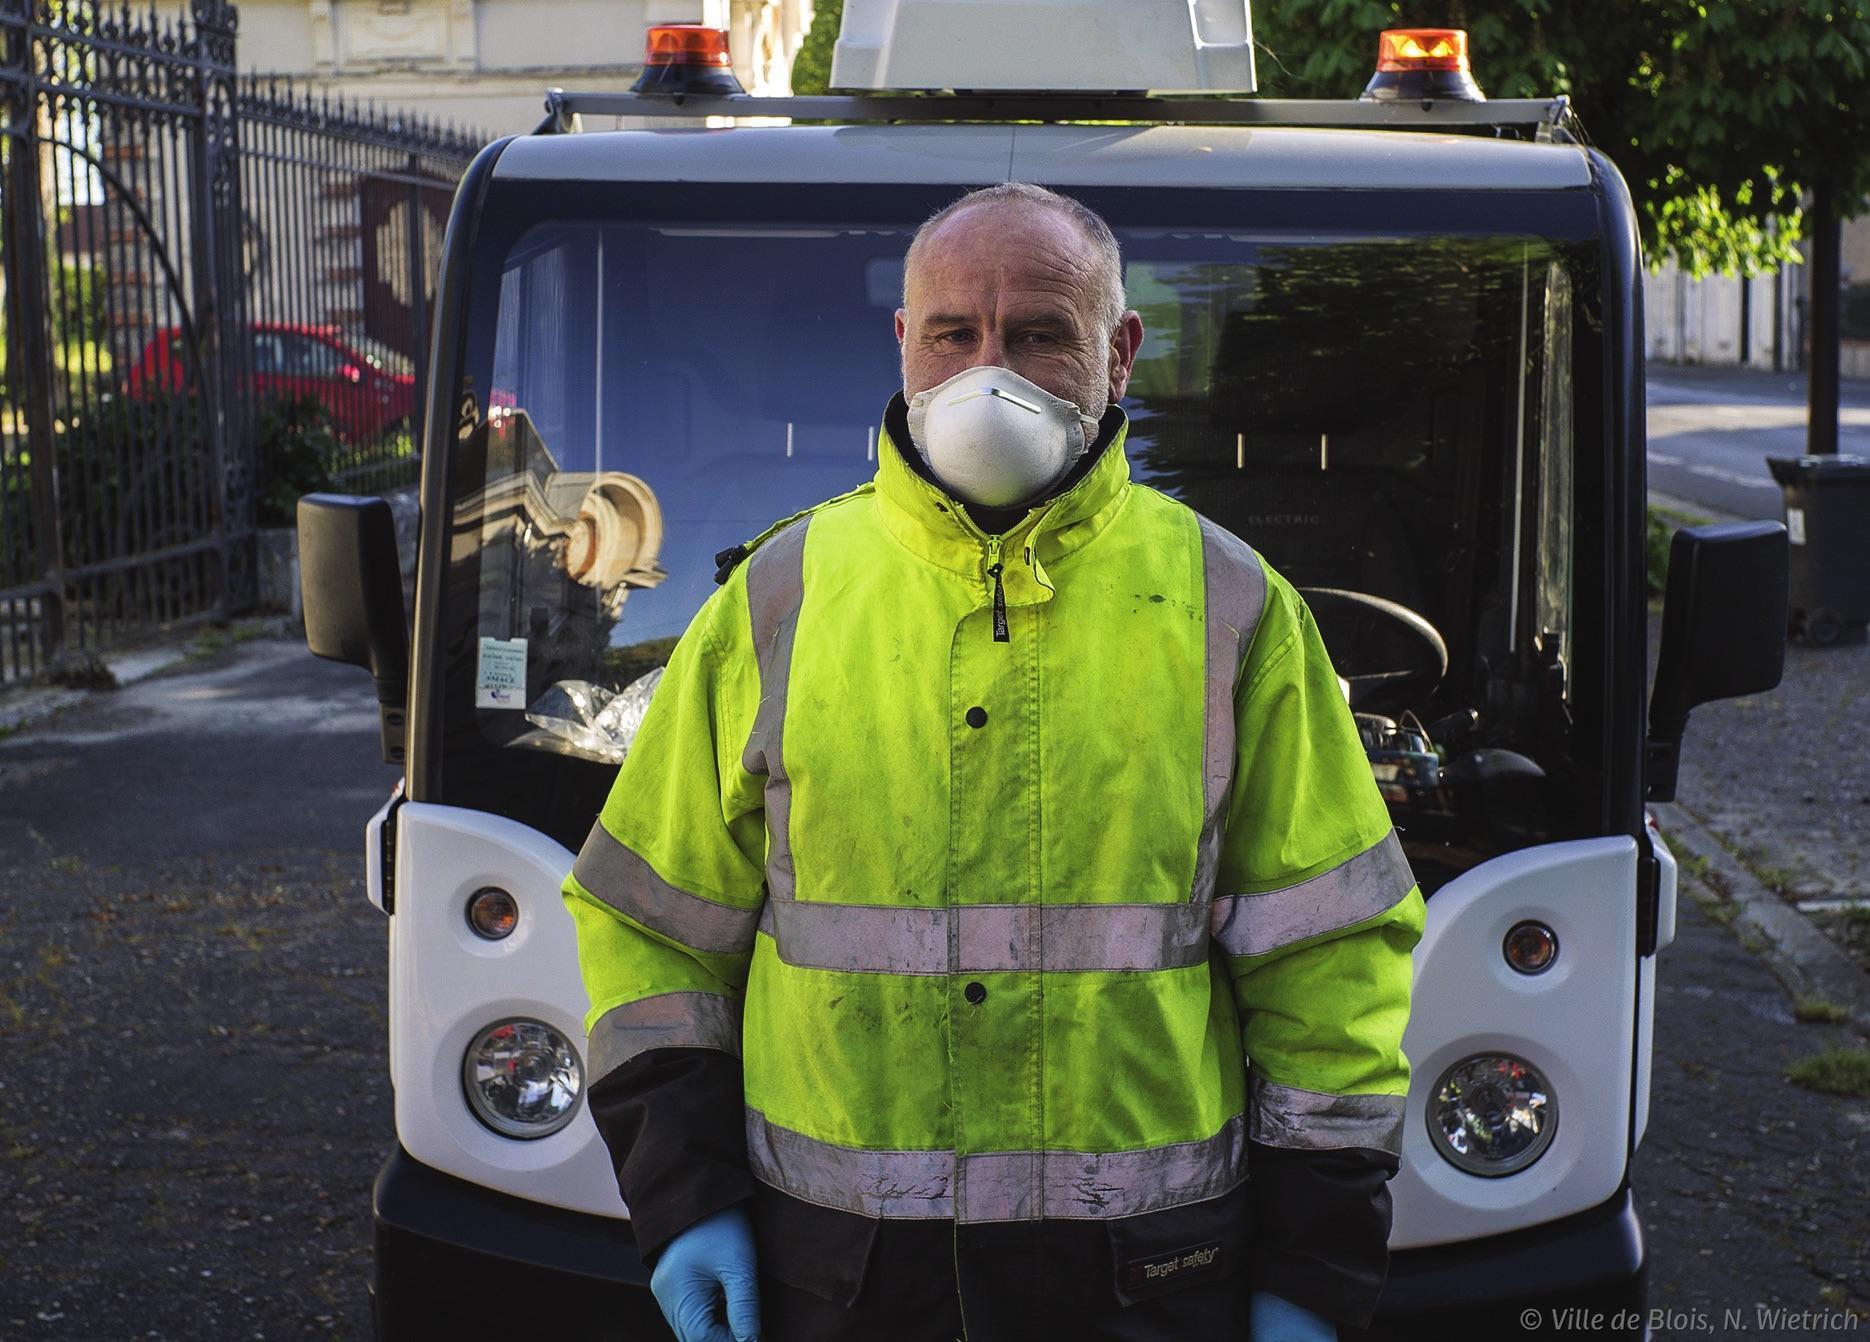 Un agent du service propreté équipé d'un masque devant son véhicule de travail.